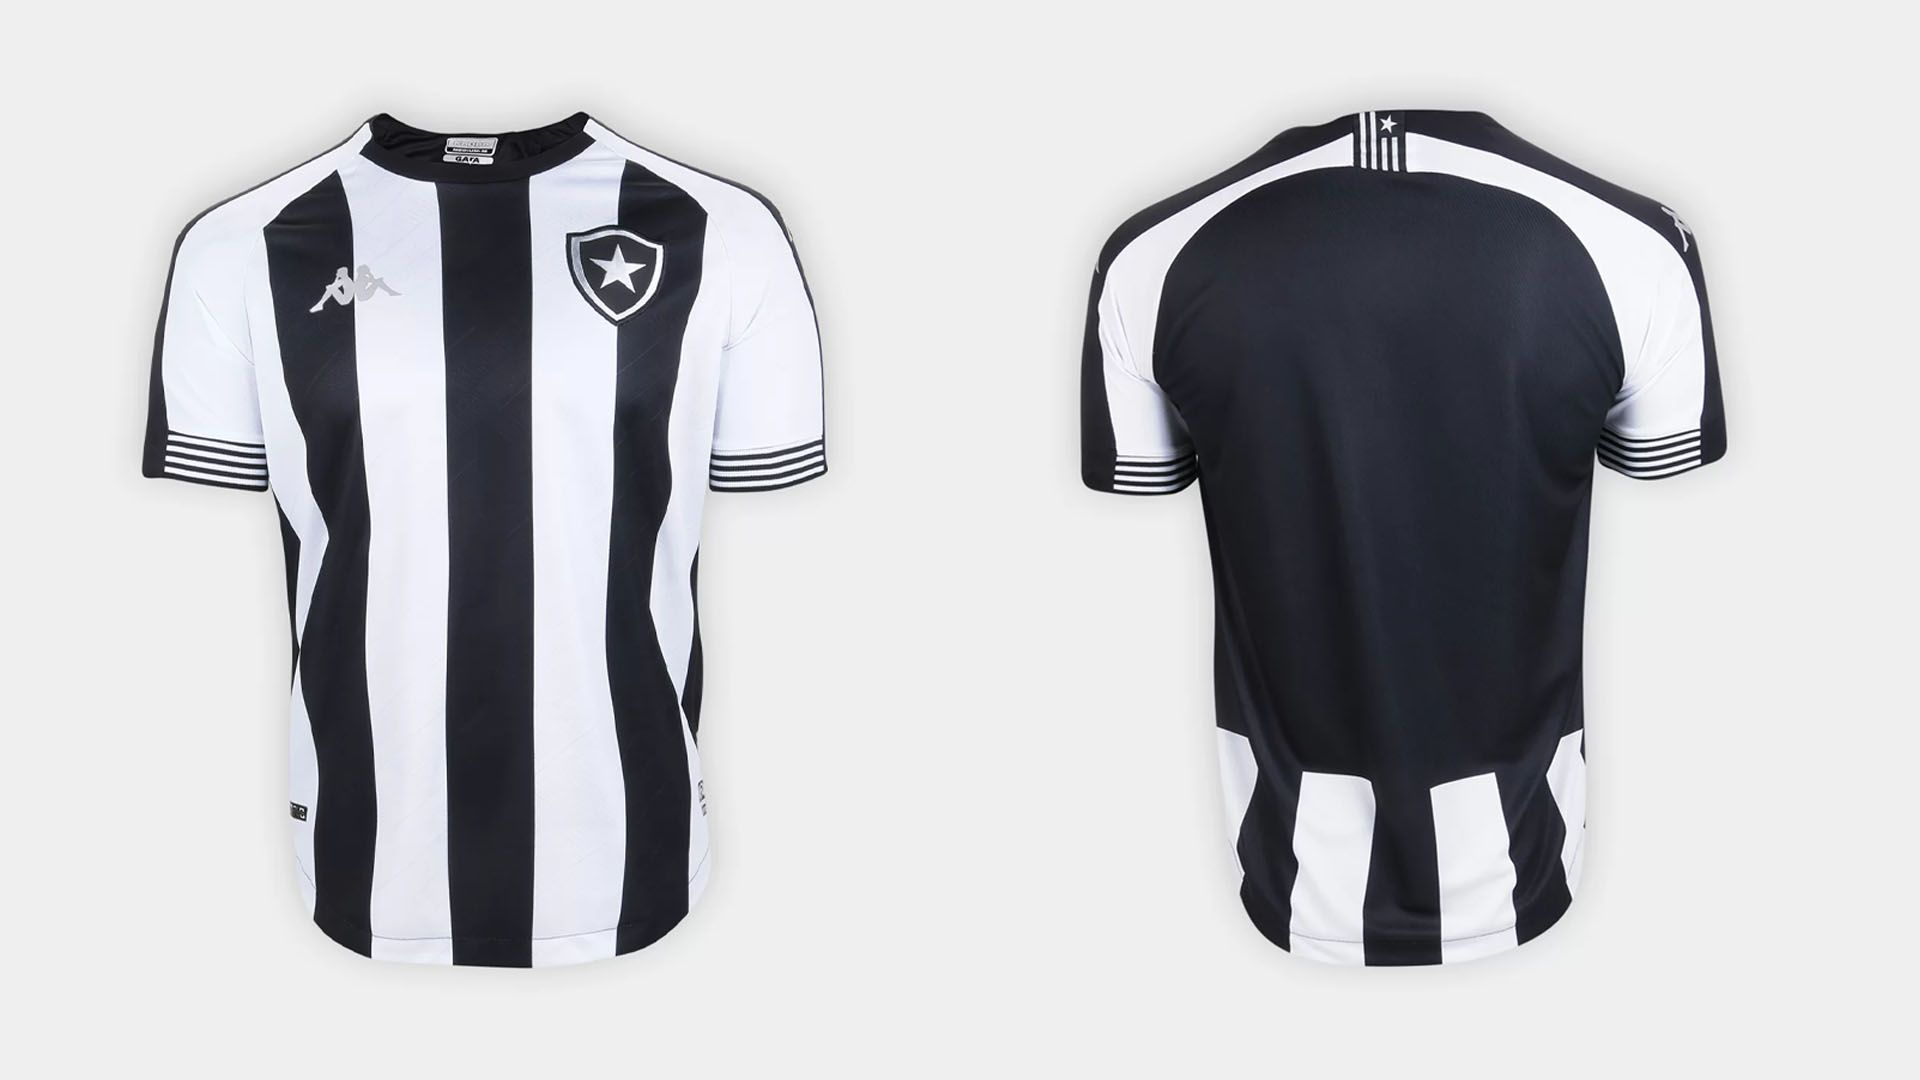 Camisa do Botafogo 2020 Kappa Jogo 1 (Imagem: Divulgação/Kappa)